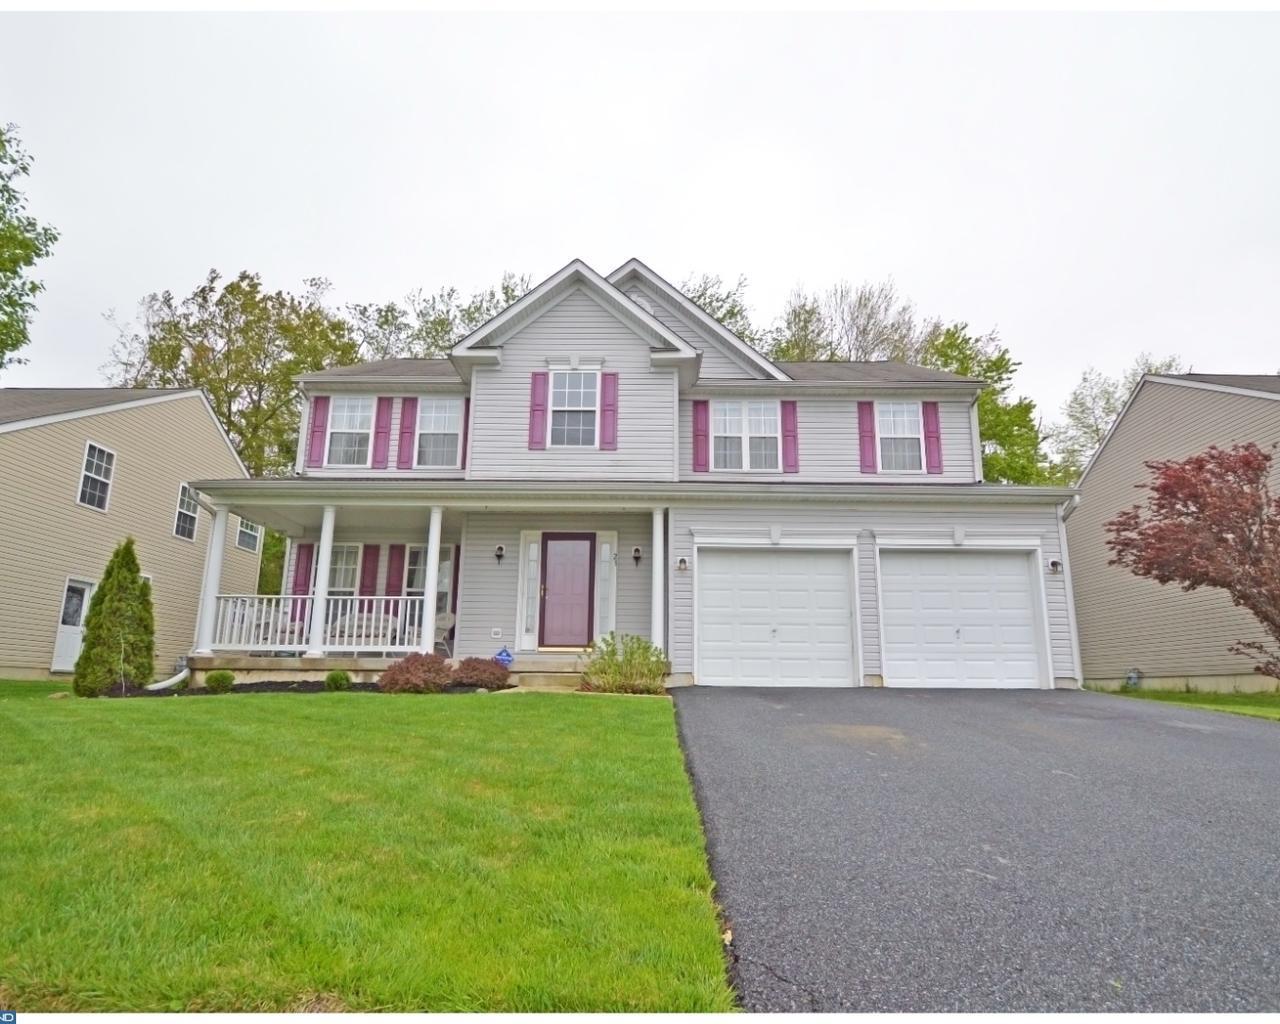 Property for sale at 23 BANCROFT RD, New Castle,  DE 19720